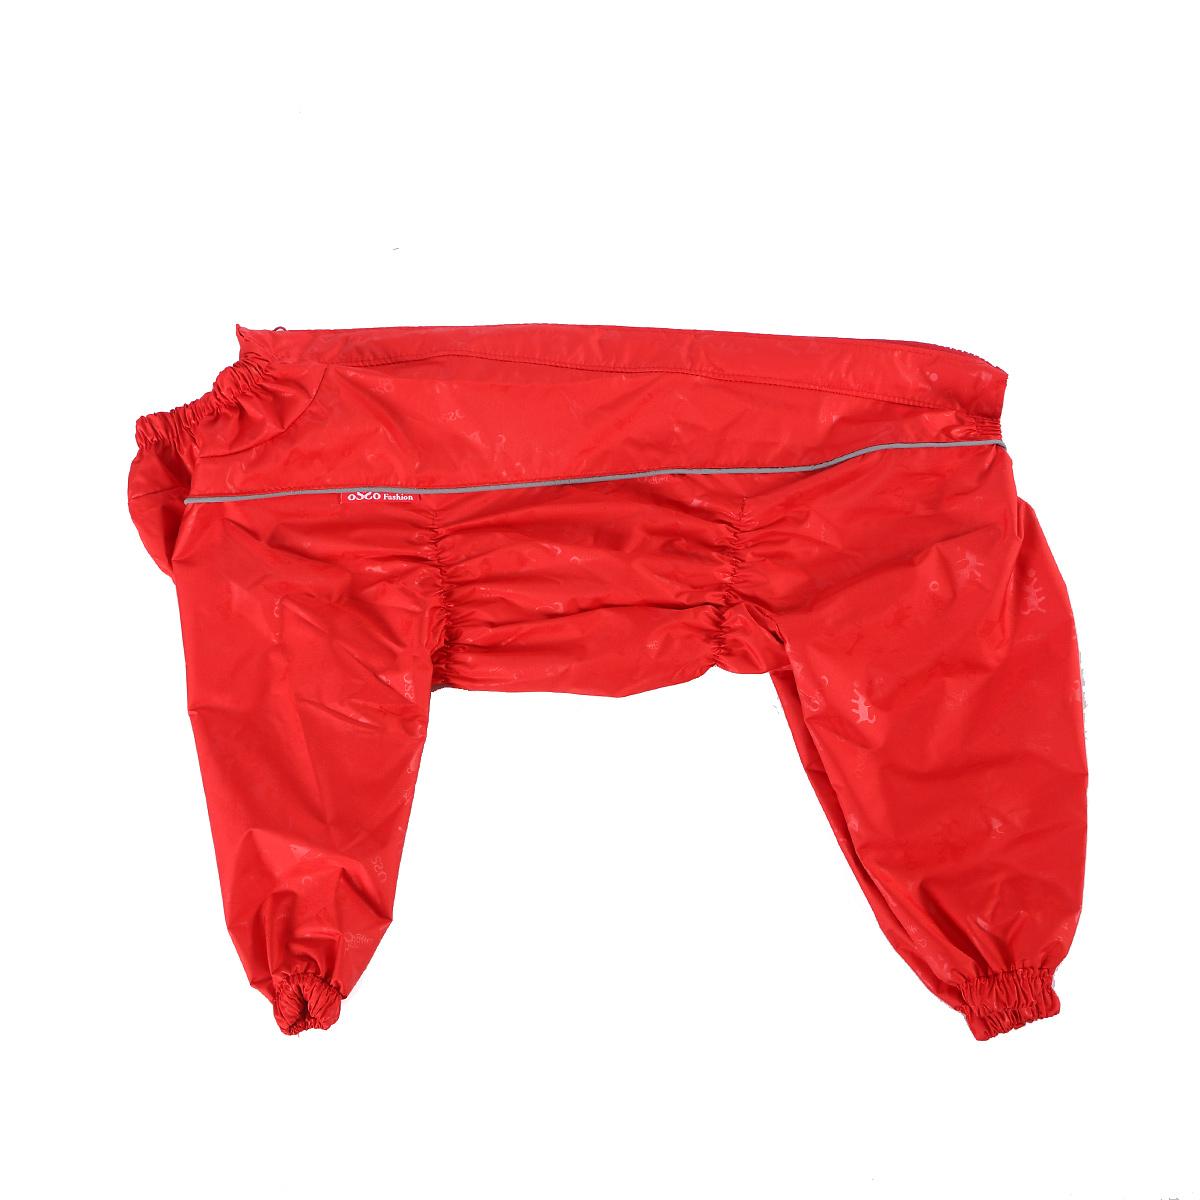 Комбинезон для собак OSSO Fashion, для девочки, цвет: красный. Размер 70К-1037-красныйКомбинезон для собак без подкладки из водоотталкивающей и ветрозащитной ткани (100% полиэстер). Предназначен для прогулок в межсезонье, в сырую погоду для защиты собаки от грязи и воды. В комбинезоне используется отделка со светоотражающим кантом и тракторная молния со светоотражающей полосой. Комбинезон для собак эргономичен, удобен, не сковывает движений собаки при беге, во время игры и при дрессировке. Комфортная посадка по корпусу достигается за счет резинок-утяжек под грудью и животом. На воротнике имеется кнопка для фиксации. От попадания воды и грязи внутрь комбинезона низ штанин также сборен на резинку. Рекомендуется машинная стирка с использованием средства для стирки деликатных тканей при температуре не выше 40?С и загрузке барабана не более чем на 40% от его объема, отжим при скорости не более 400/500 об/мин, сушка на воздухе – с целью уменьшения воздействия на водоотталкивающую (PU) пропитку ткани. Рекомендации по подбору размера: Размер подбирается по длине спины собаки....